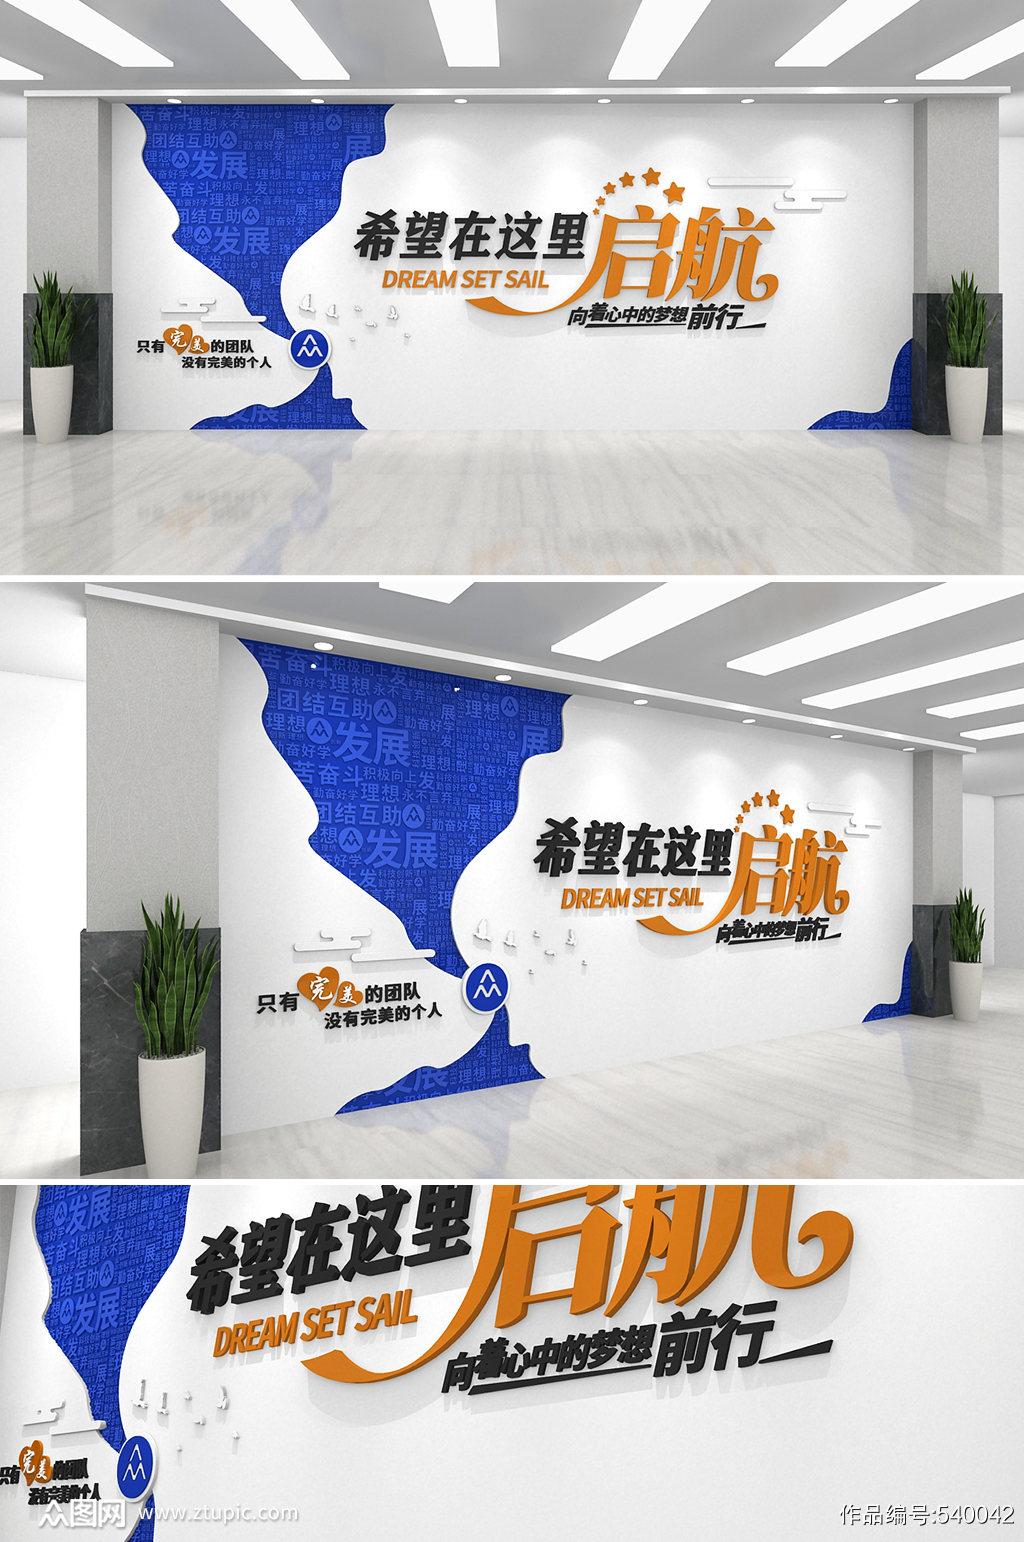 大气企业口号标语墙培训企业文化墙设计图素材